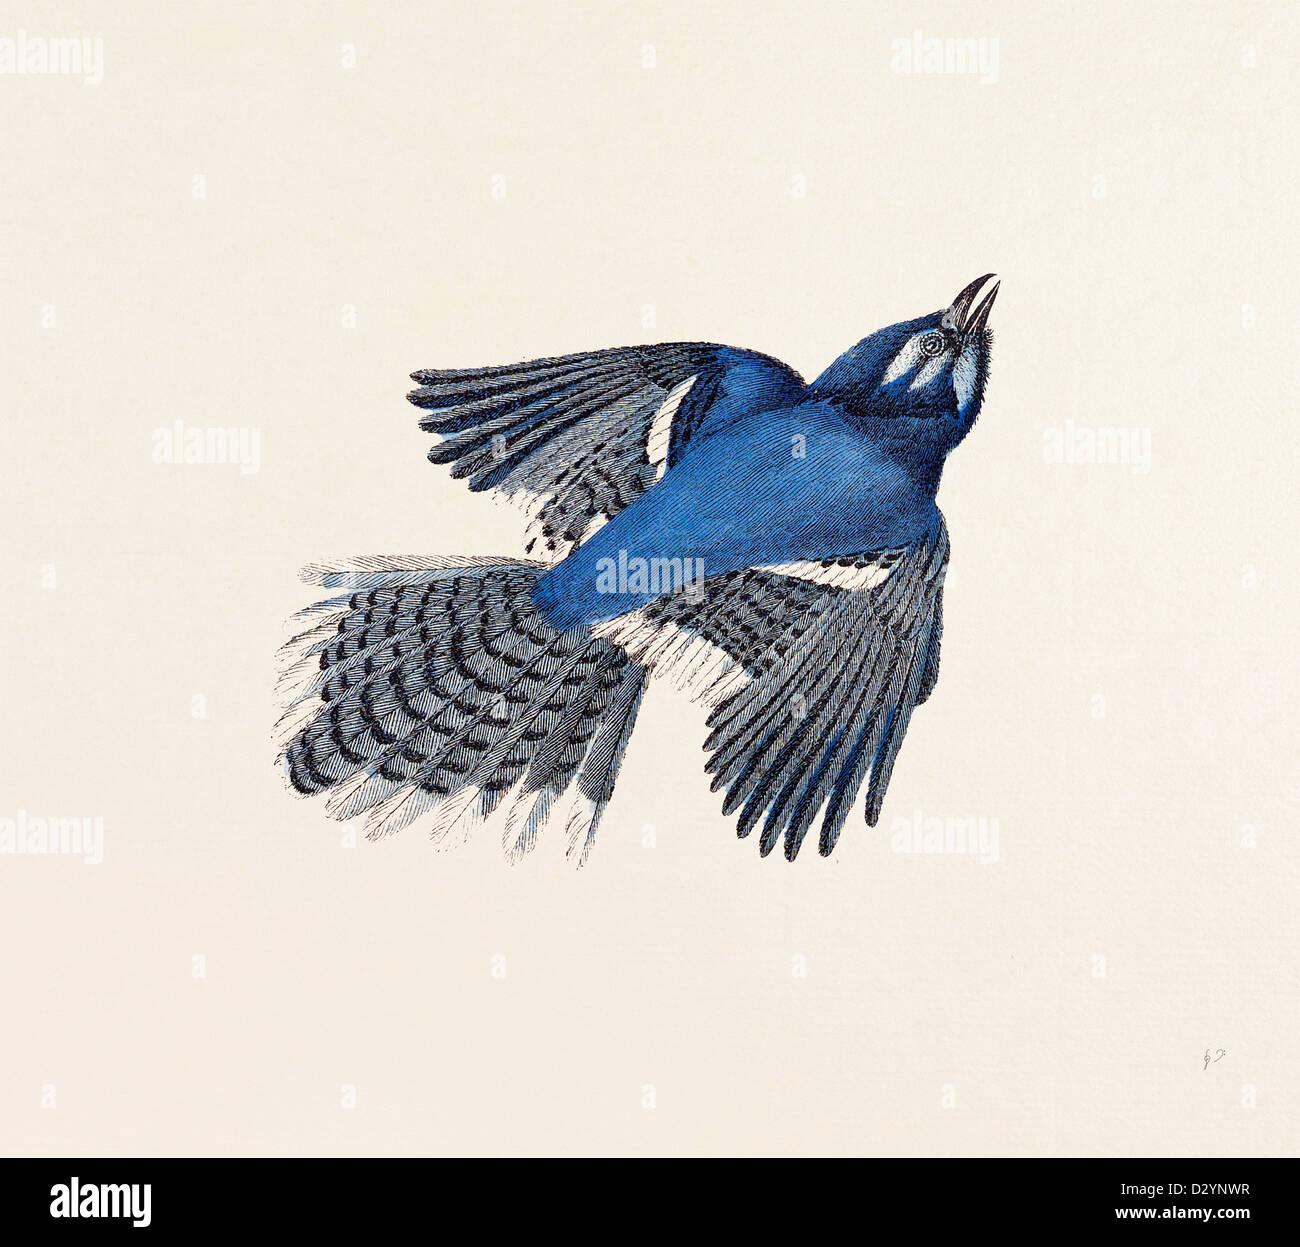 Blue Jay nineteenth century engraving - Stock Image